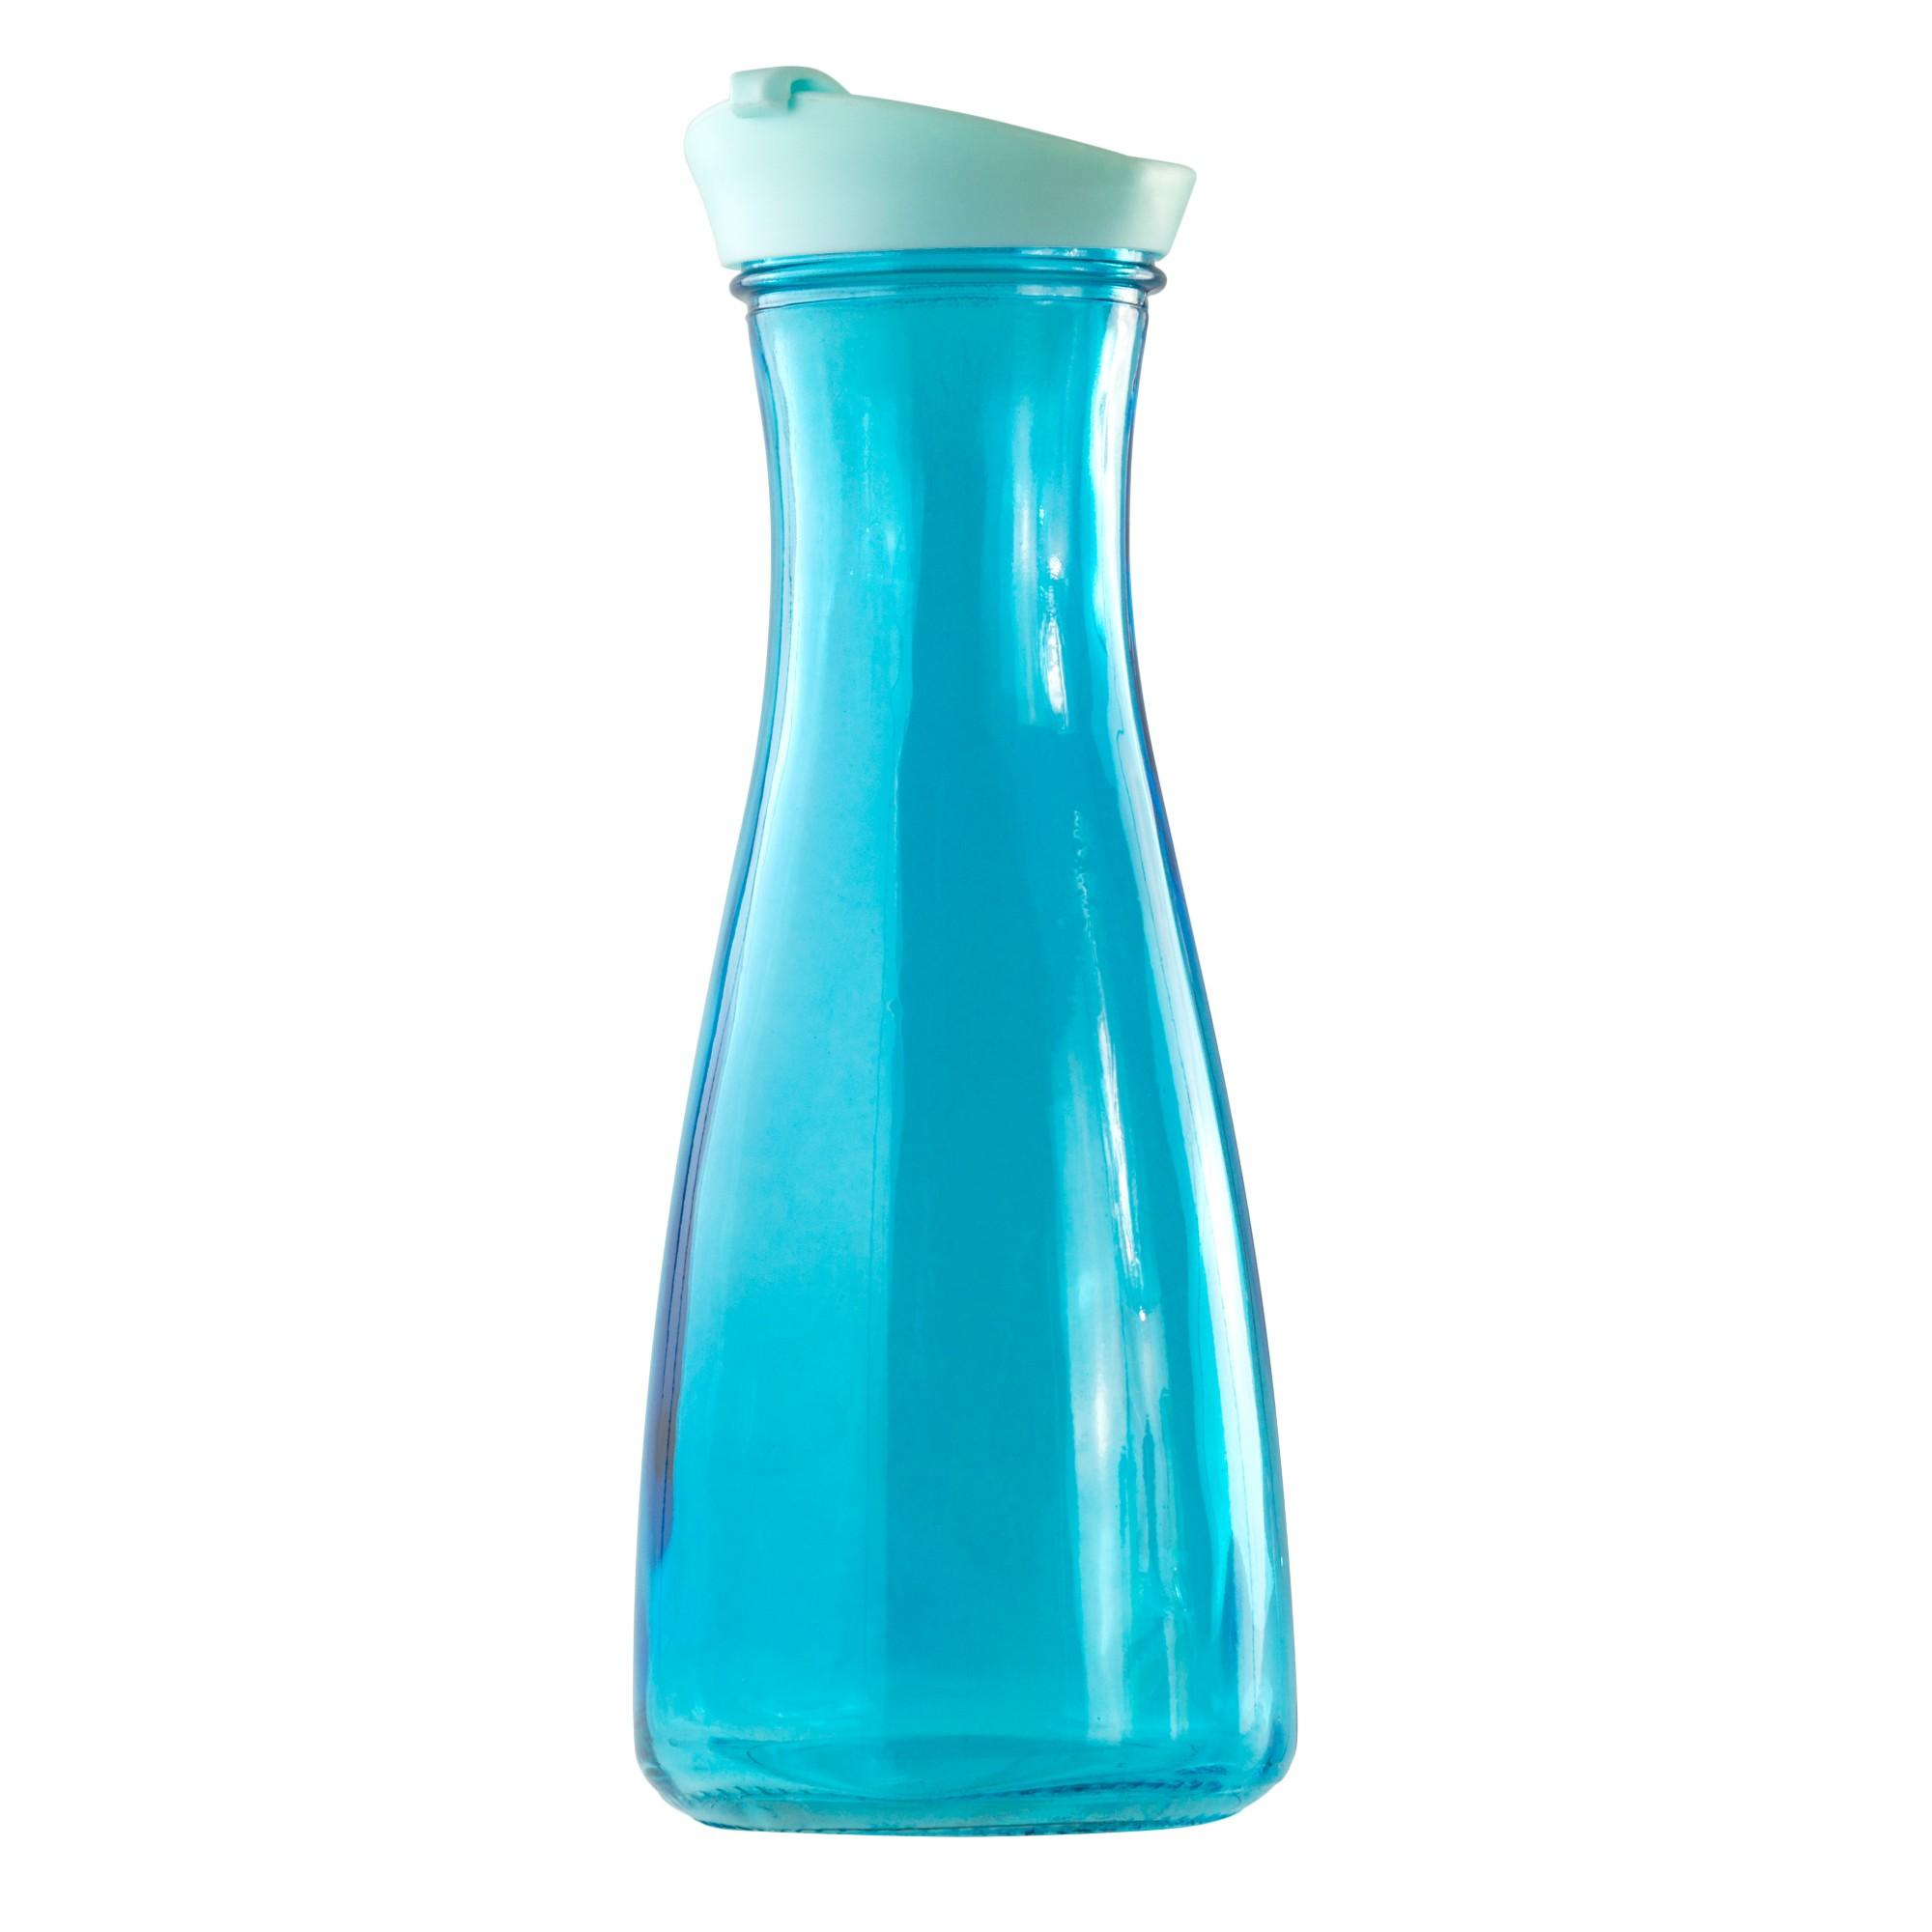 Garrafa de Vidro Azul Clara 10L 71400201 - Bianchini